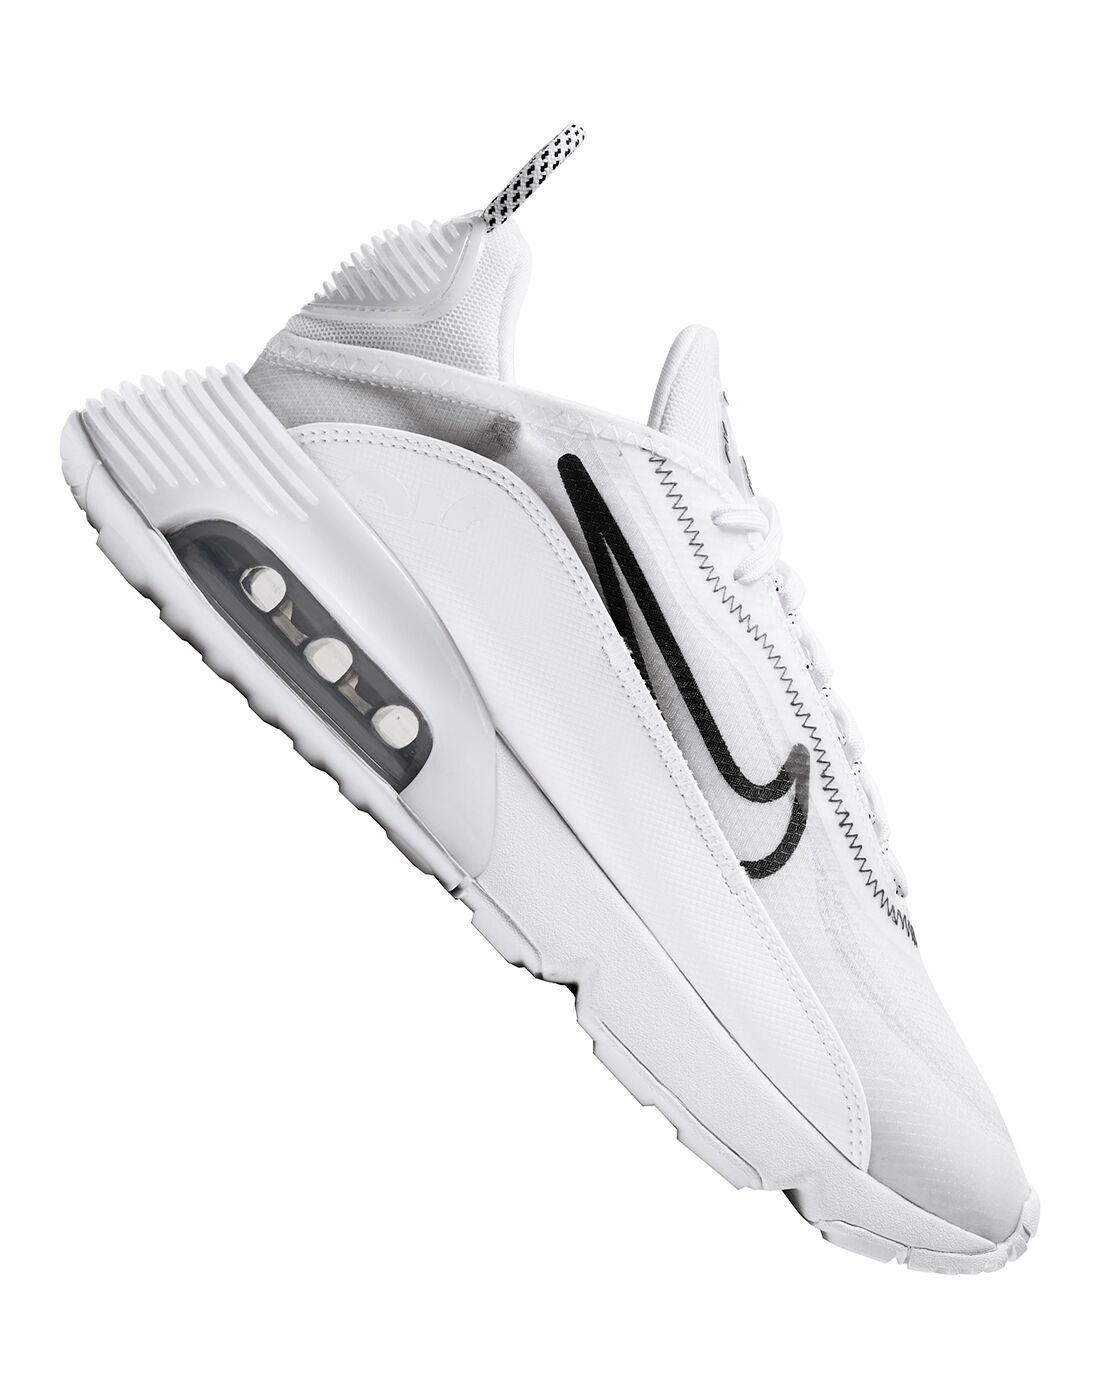 Nike nike huarache skroutz women black hair girls ideas   Womens Air Max 2090